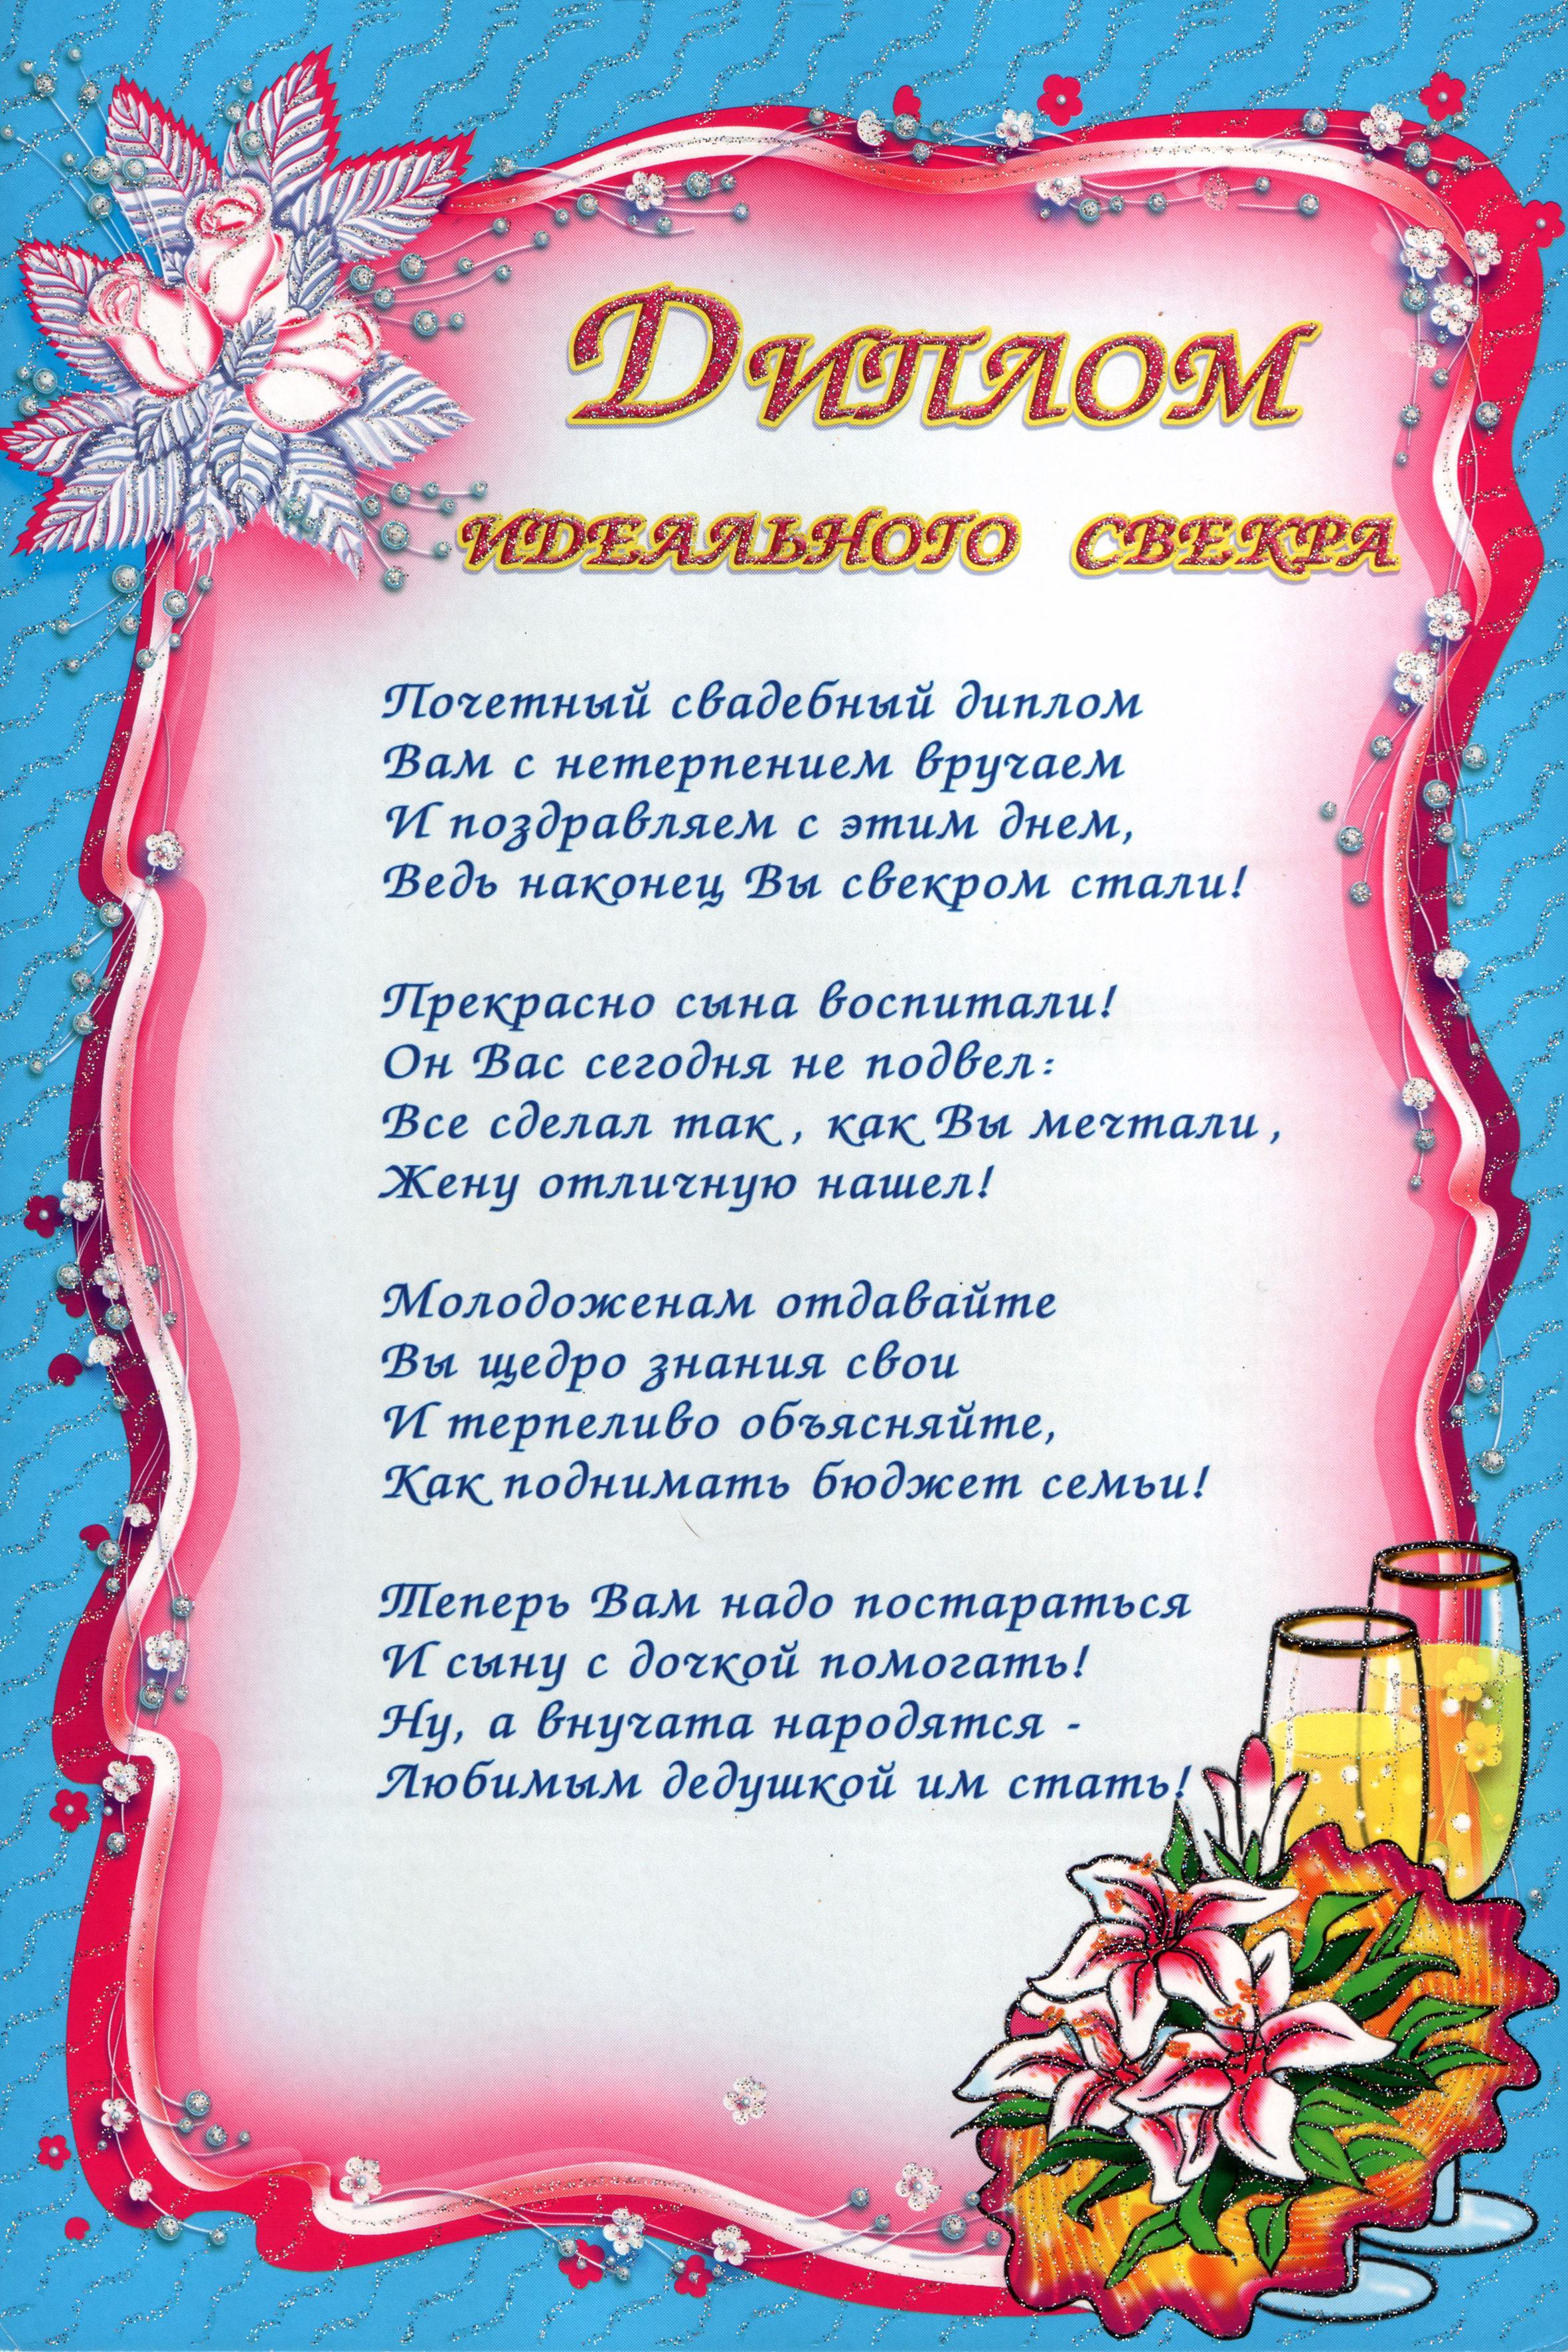 Поздравление на свадьбу отцу мужа